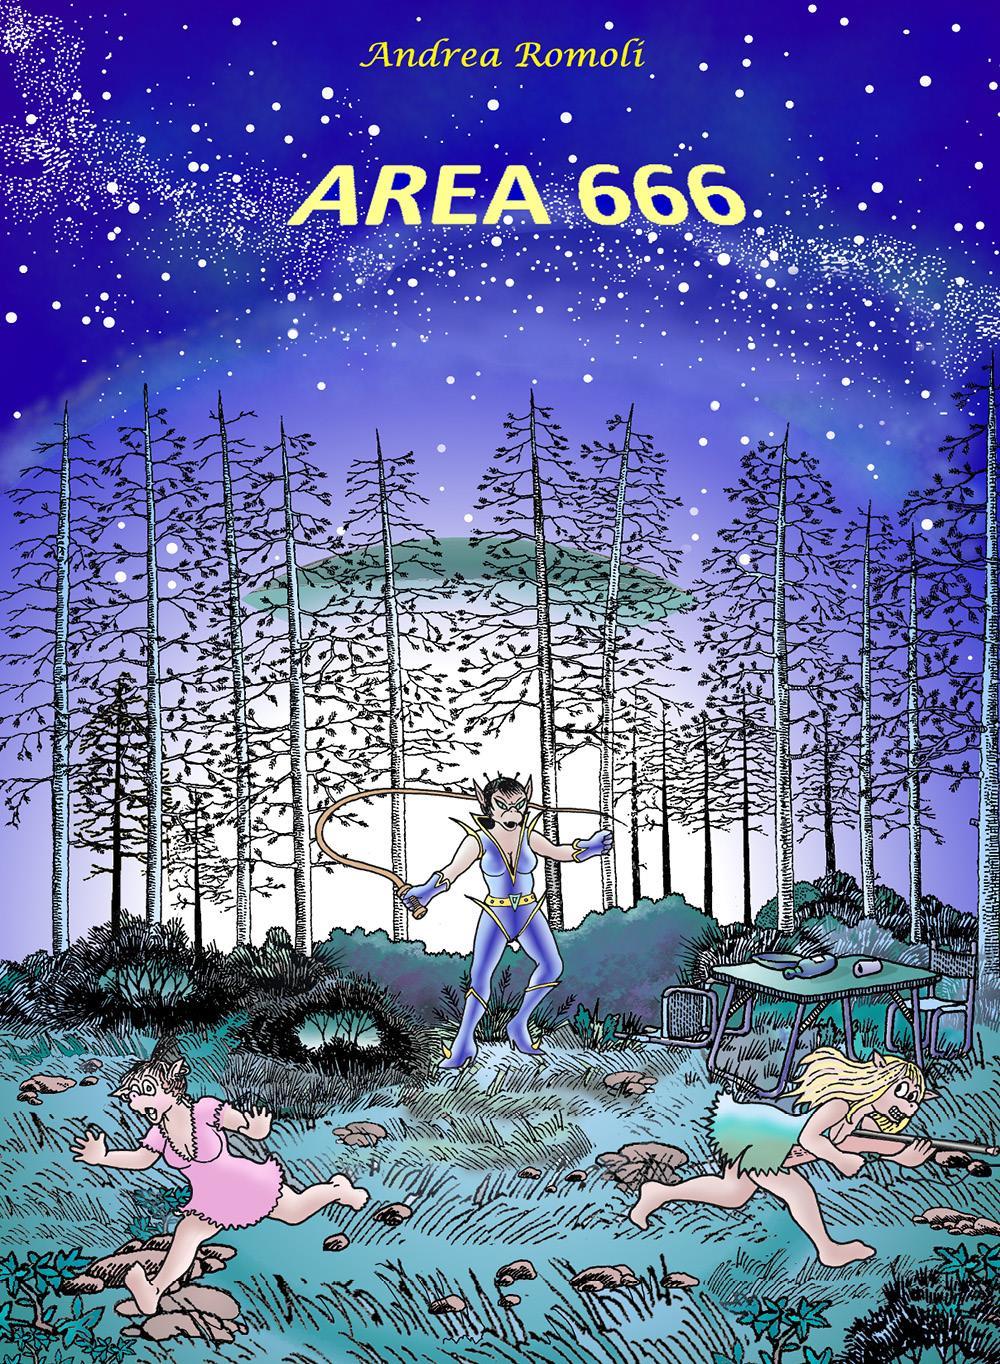 Area 666